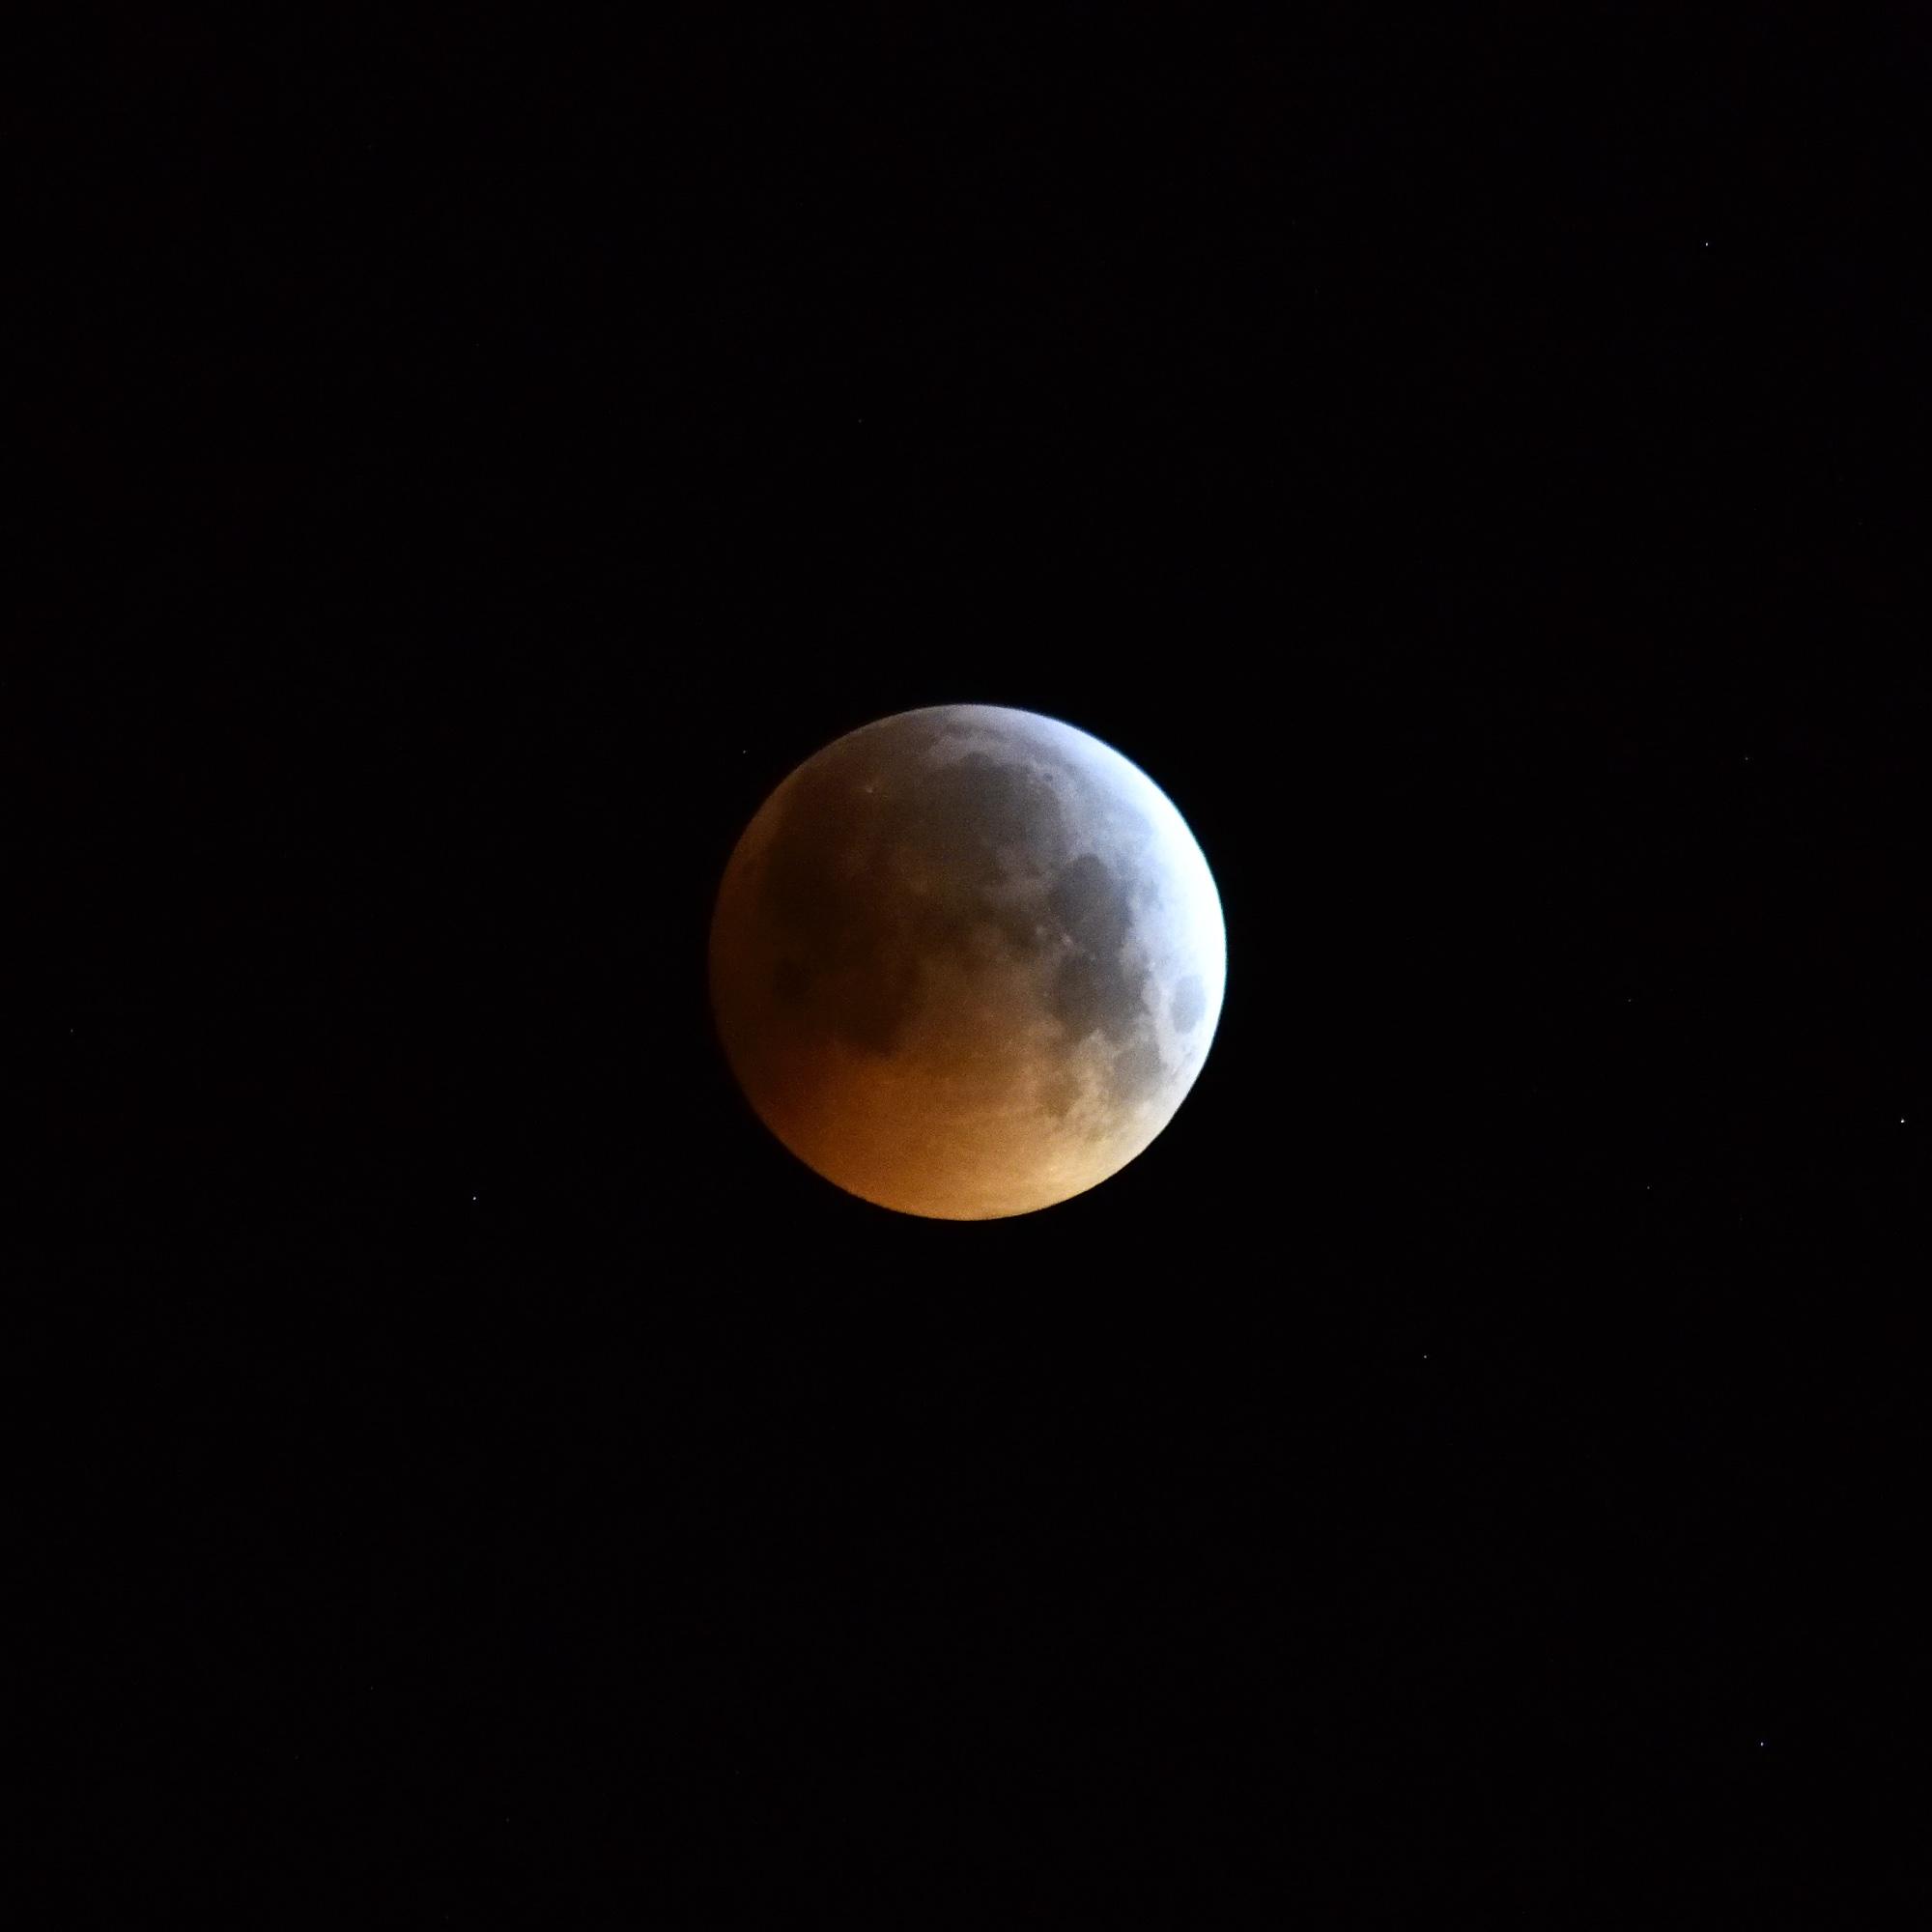 Eclipse de la Lune, le 21/01/19 : 2019-013